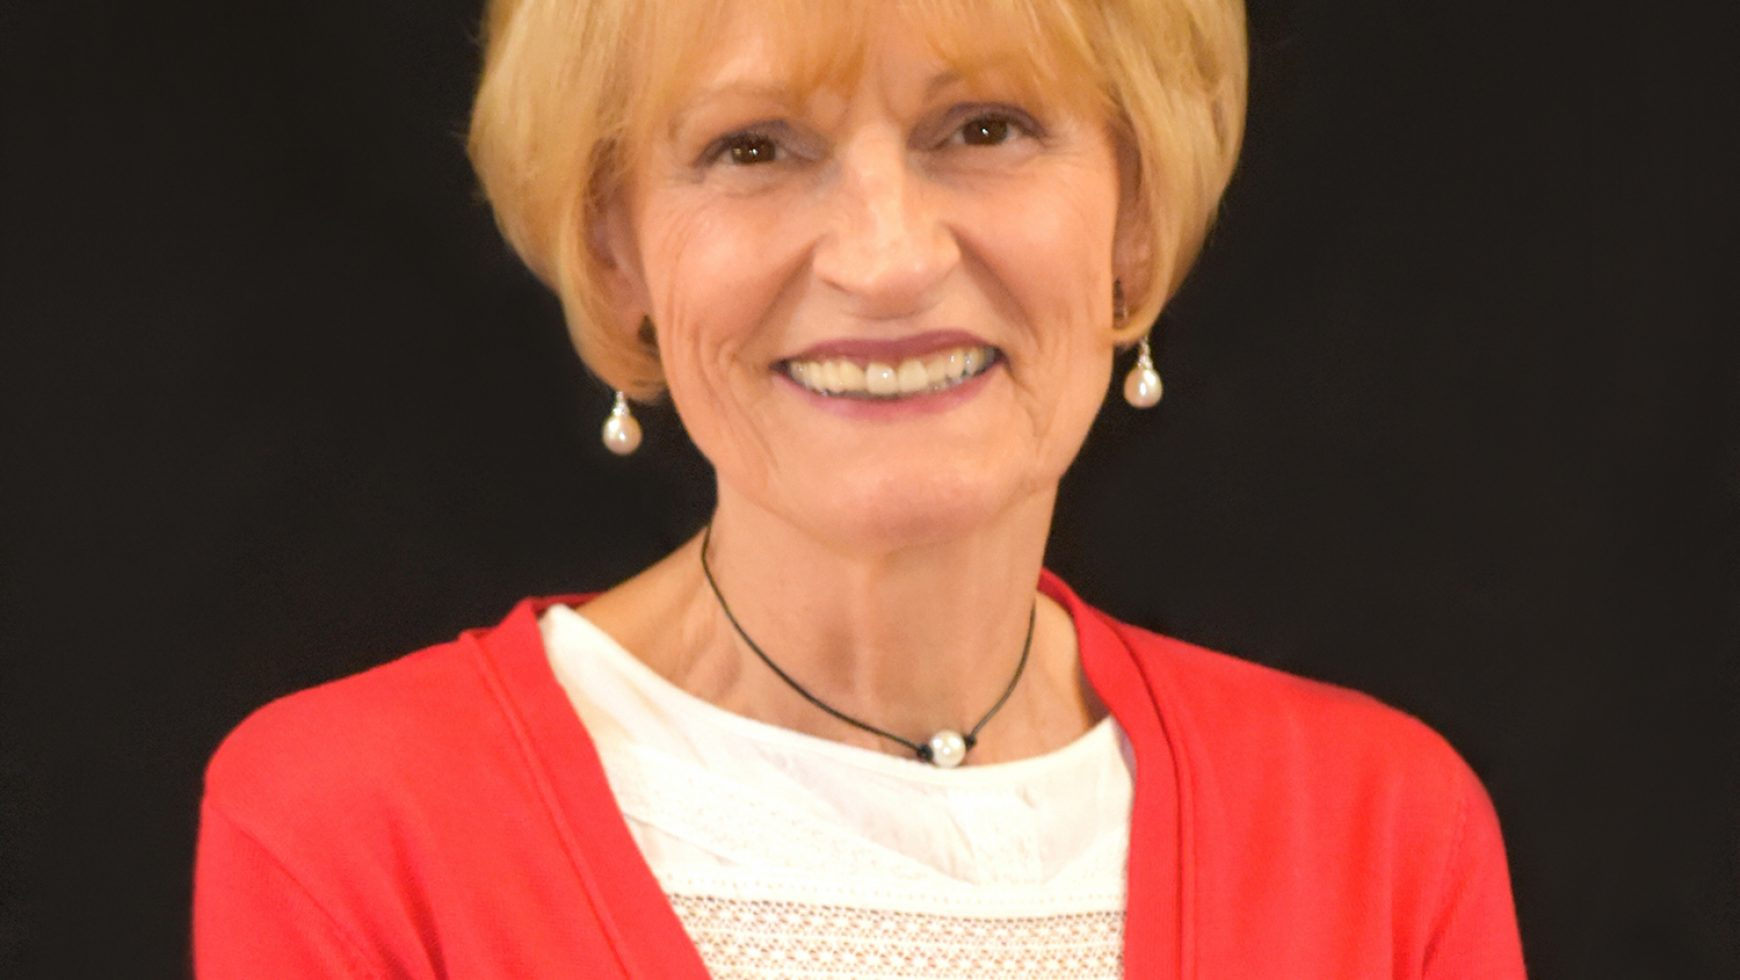 Carol Raszeja